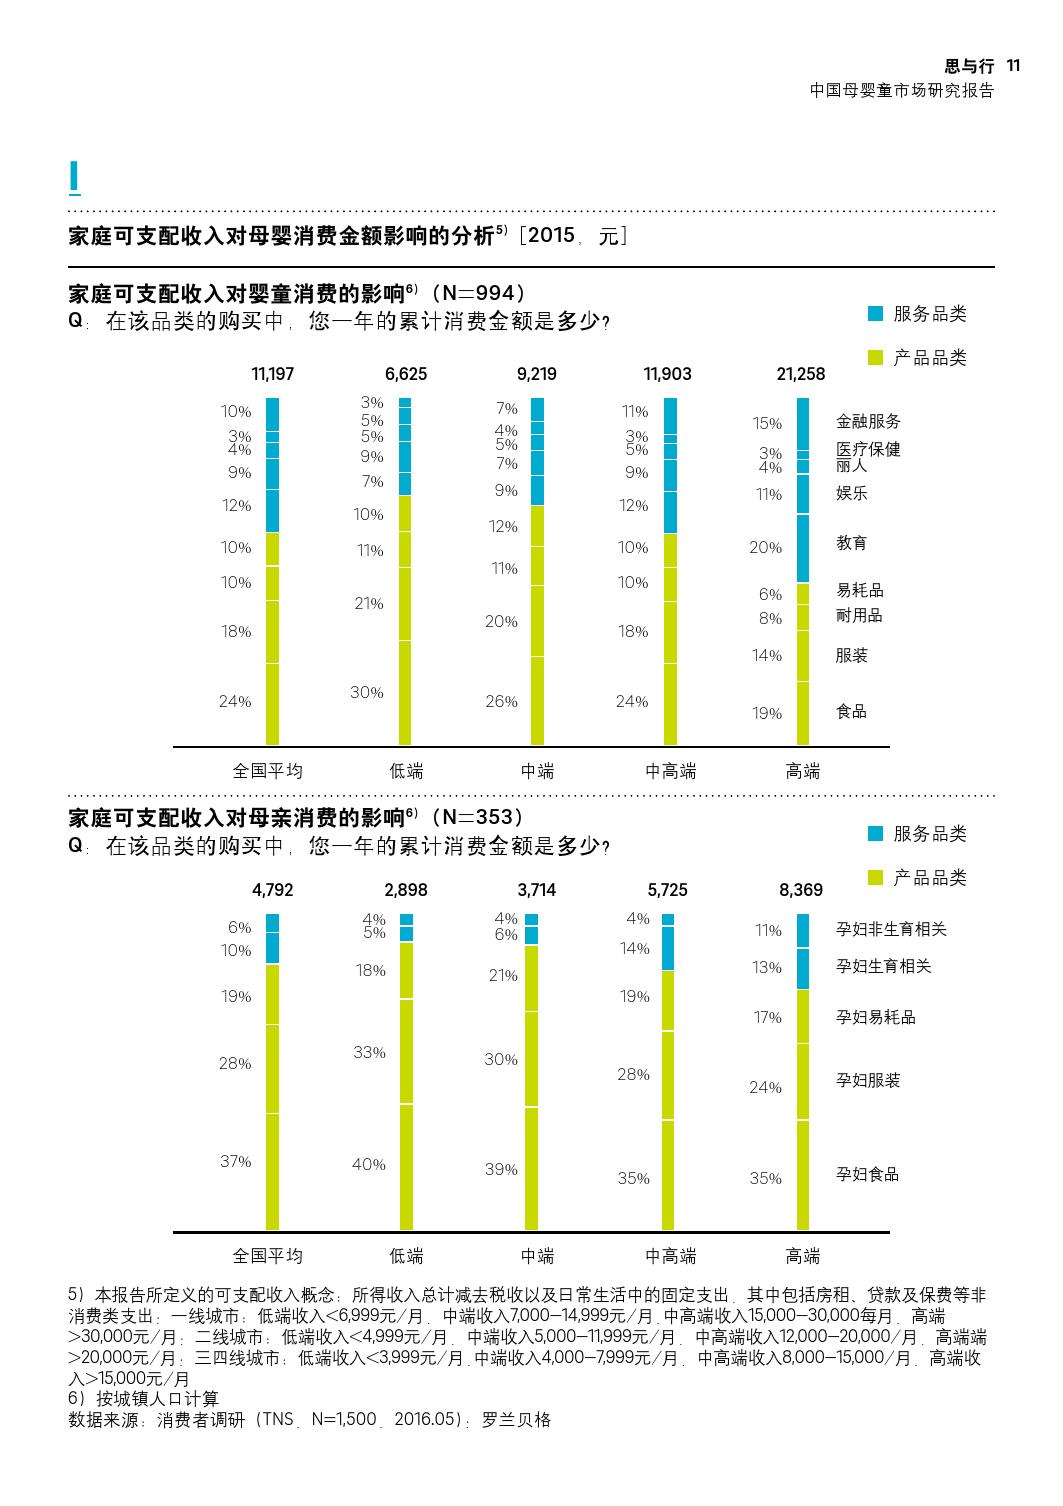 罗兰贝:2016中国母婴童市场研究报告_000011